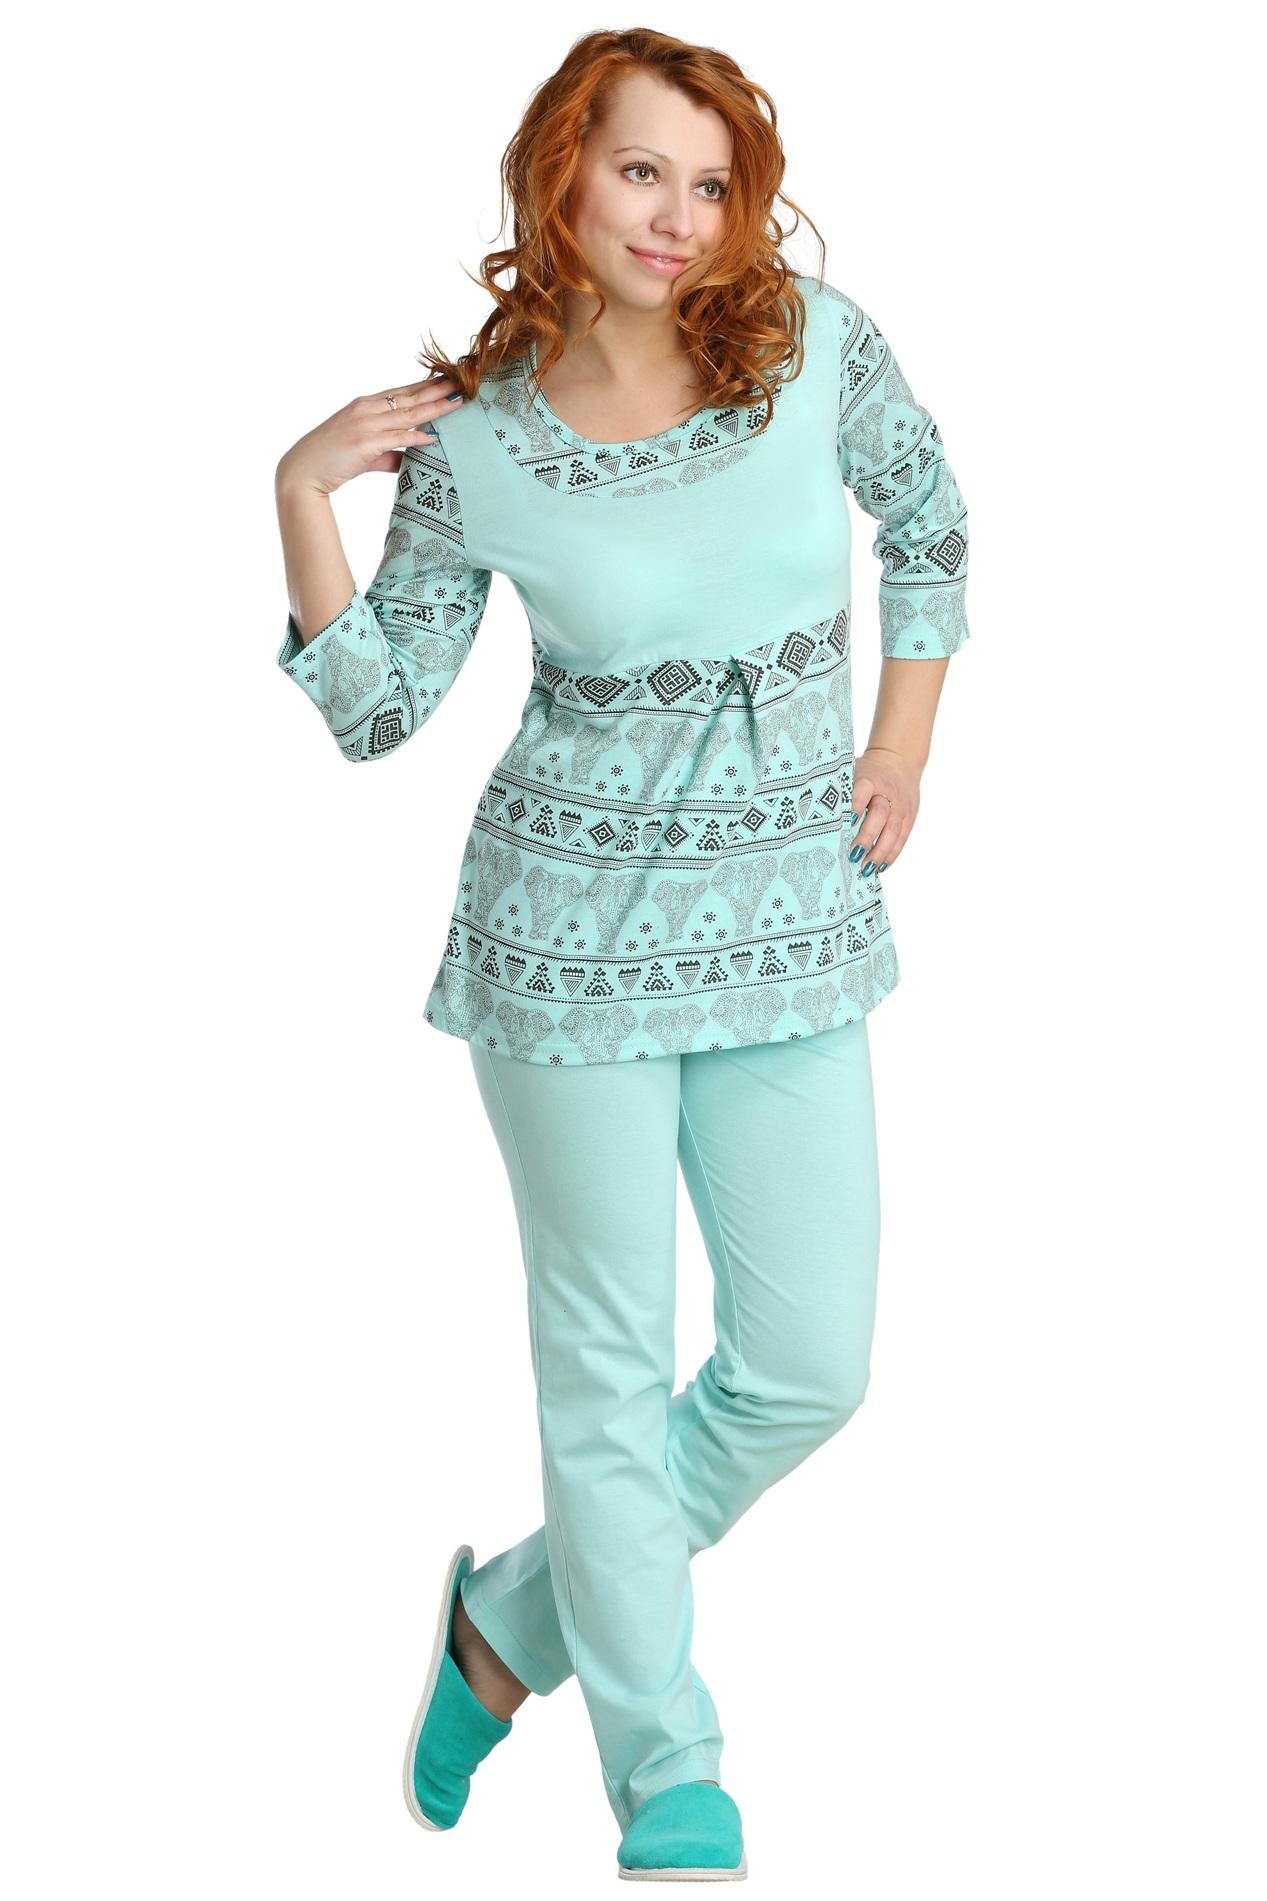 Жен. пижама арт. 16-0087 Ментол р. 44 ЕленаТекс